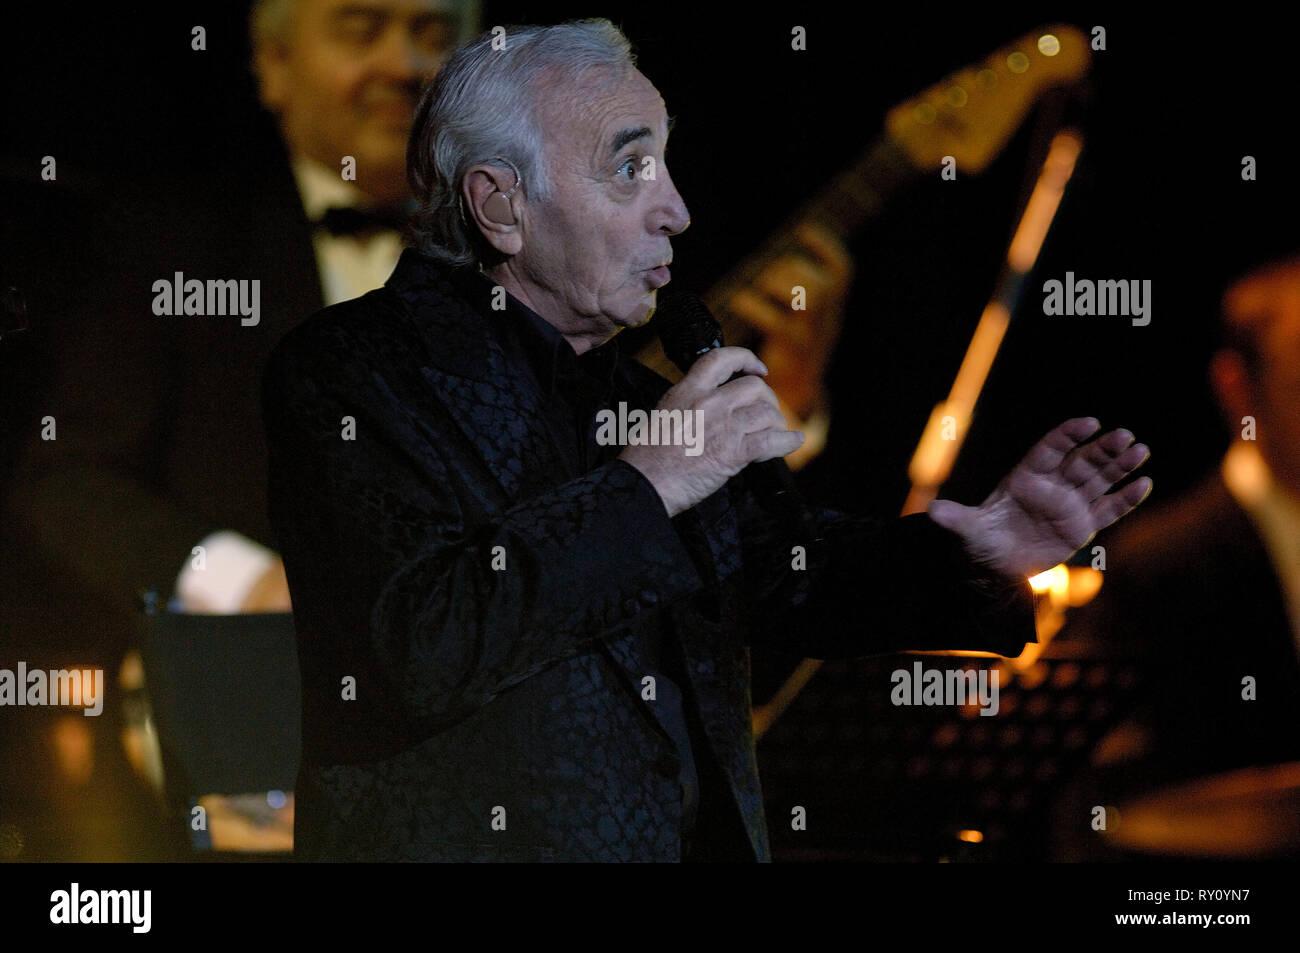 Germany, Ruhrgebiet, Essen, 20.02.2006: Charles Aznavour on his farewell tour in the Essen Philharmonic, Deutschland, Ruhrgebiet,Essen, 20.02.2006: Ch - Stock Image